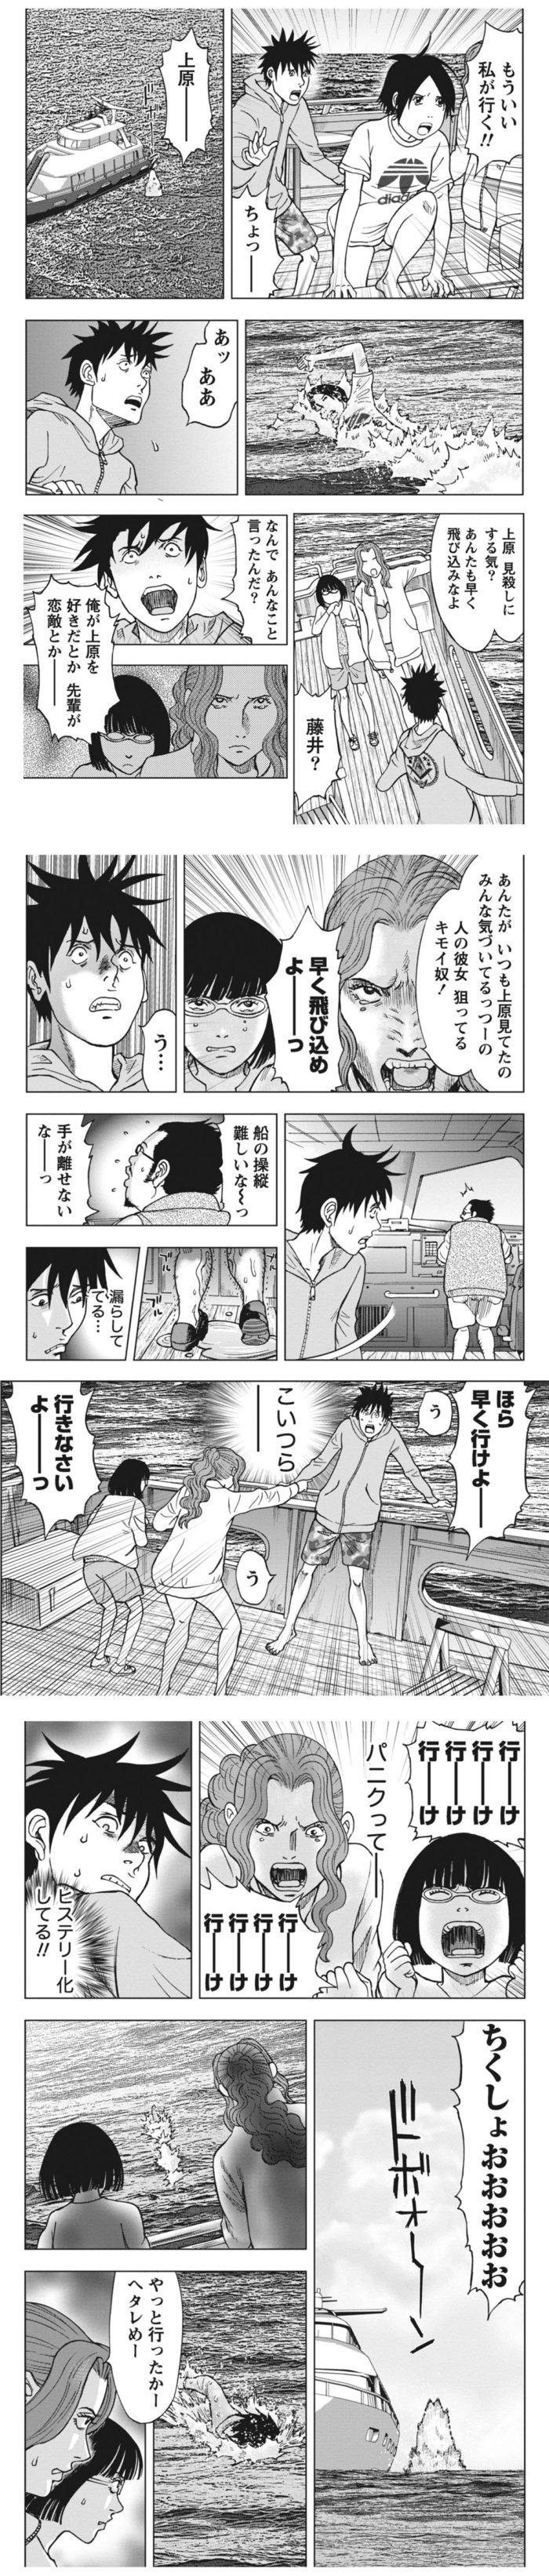 kichikujima2a-3